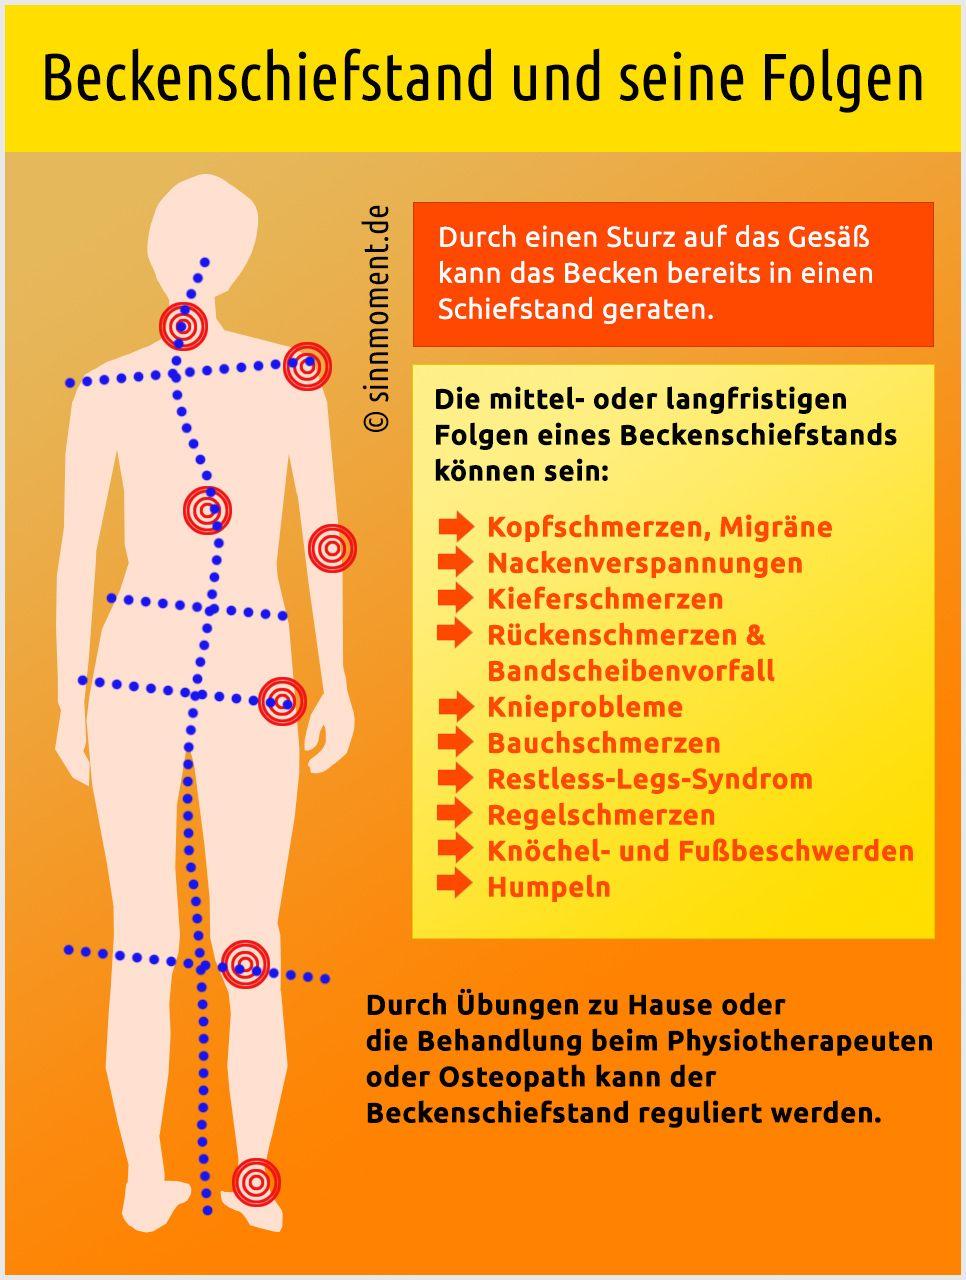 27 Gesundheit Ideen Gesundheit Gesundheit Und Fitness Fitness Workouts